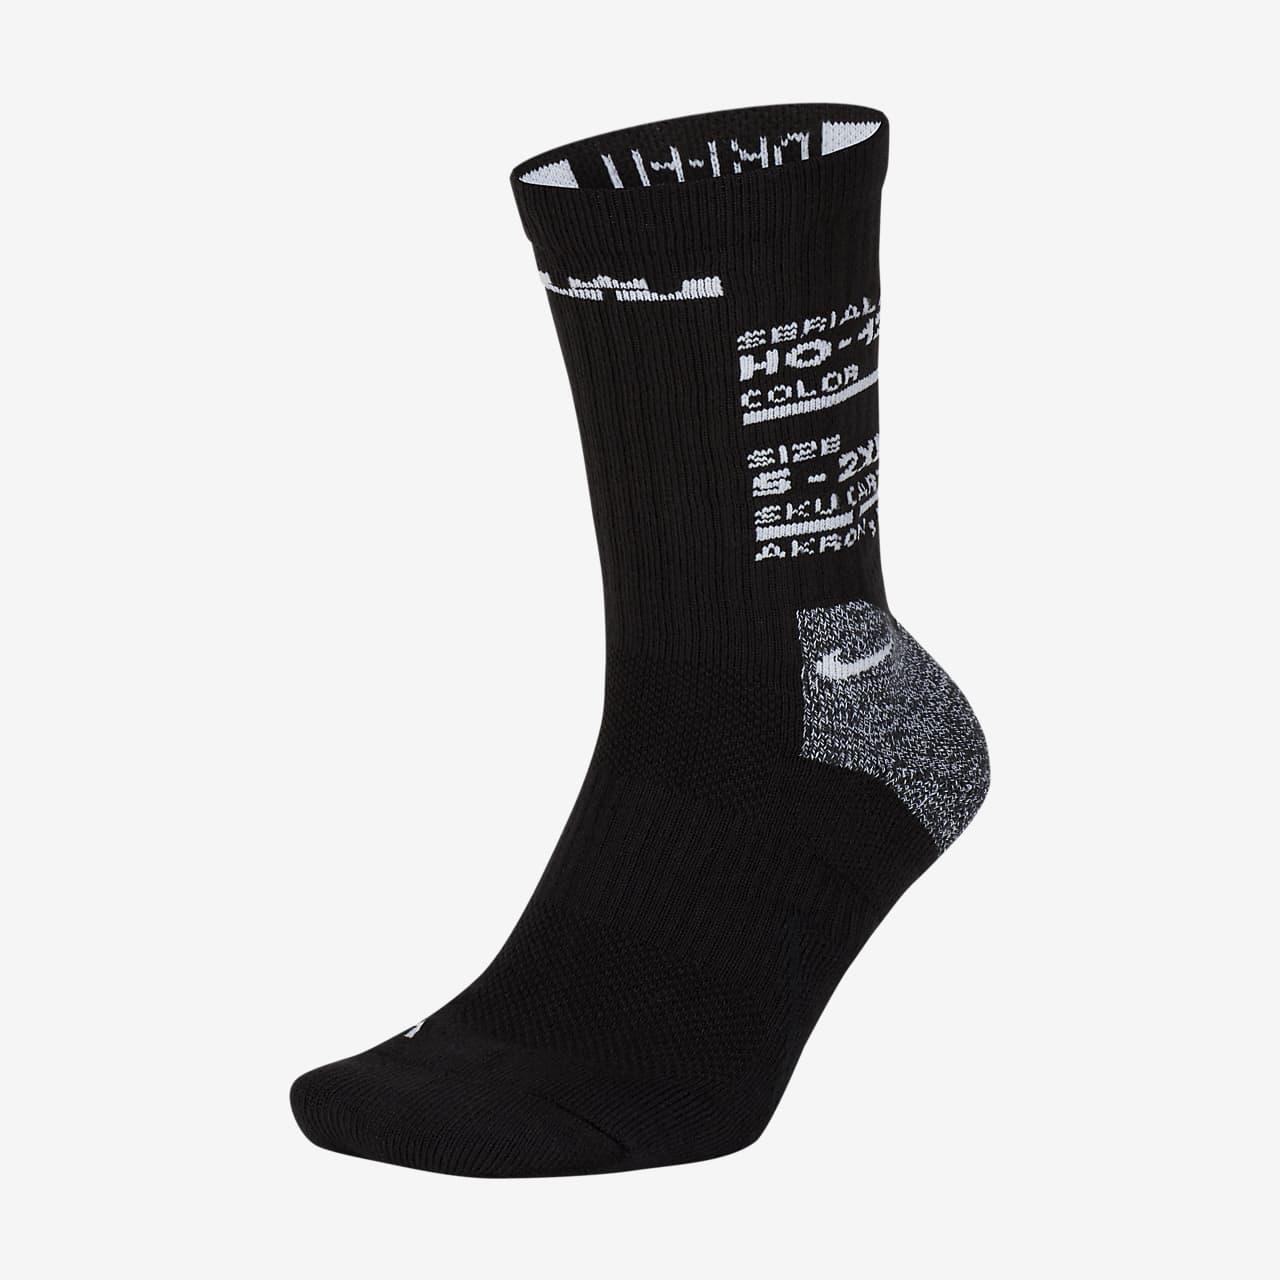 Chaussettes de basketball mi-mollet LeBron Elite